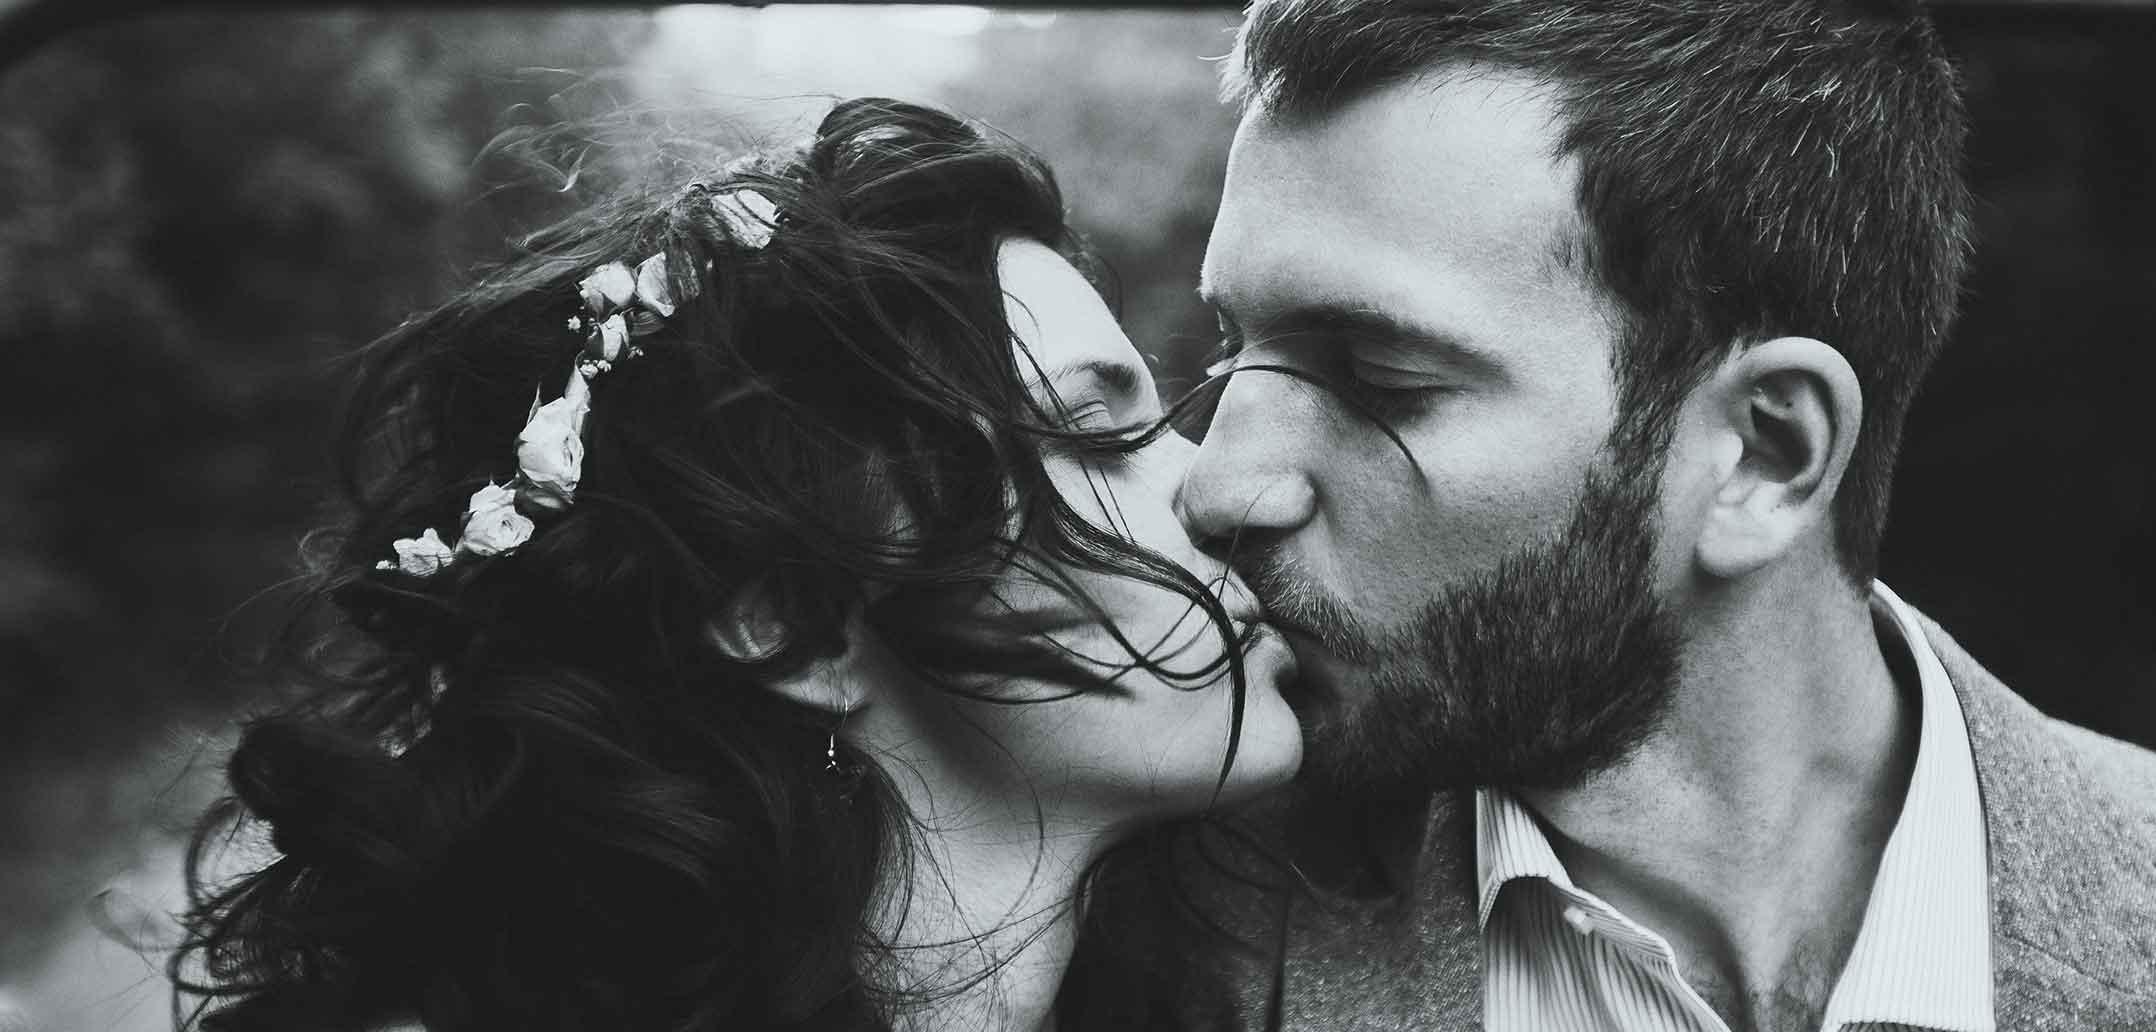 Heiraten sollte man nur aus Liebe